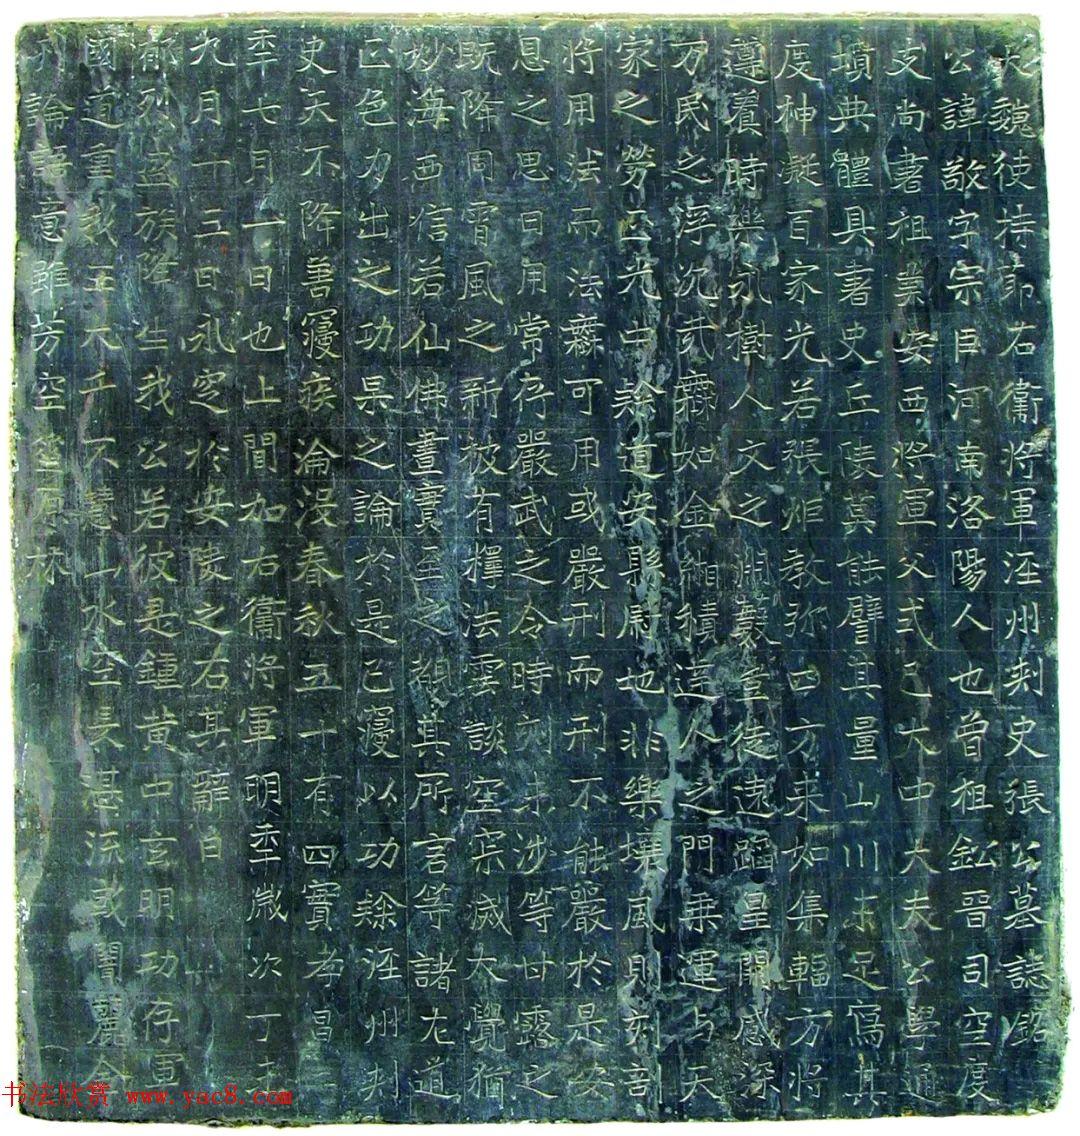 北魏楷书书法赏析《张敬墓志》